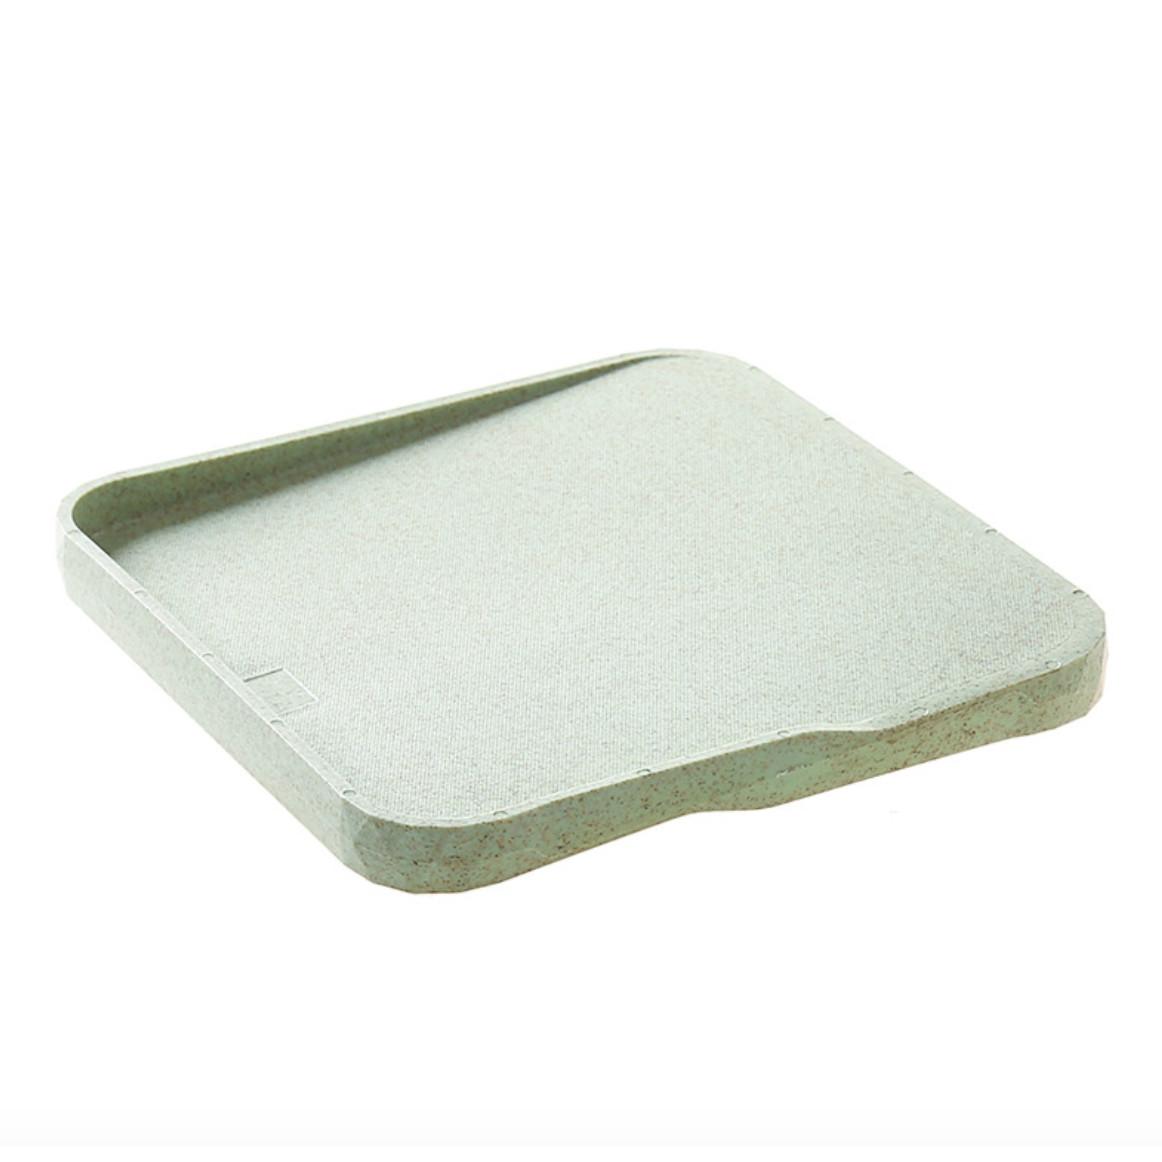 Thớt khay đựng thực phẩm chất liệu lúa mạch 2 in 1 22x22x2cm